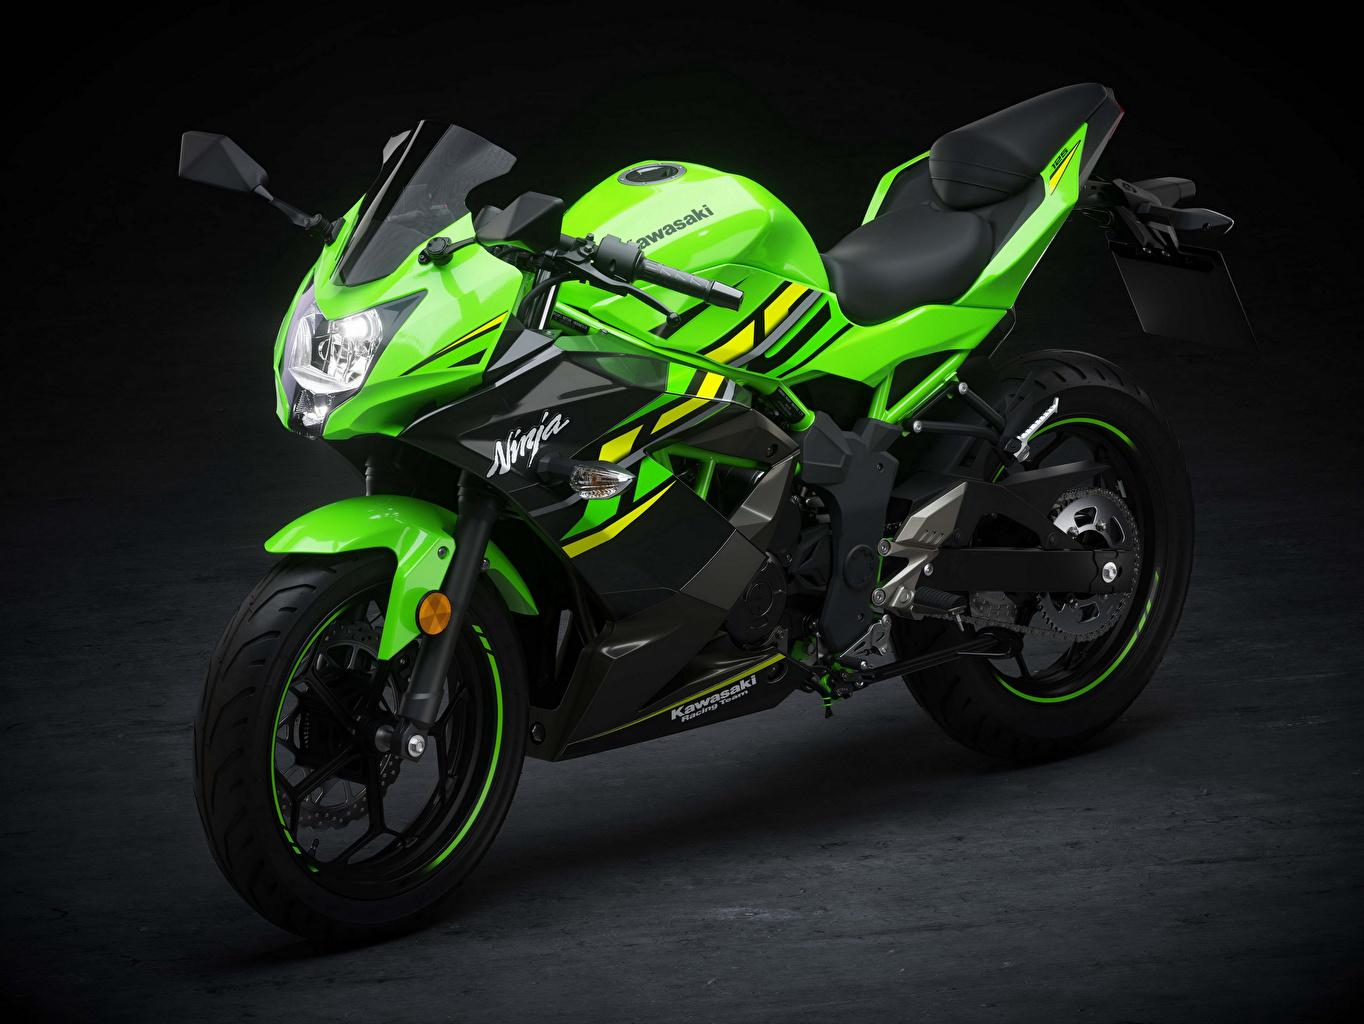 壁紙 川崎重工業 18 Ninja 125 黄緑 オートバイ ダウンロード 写真